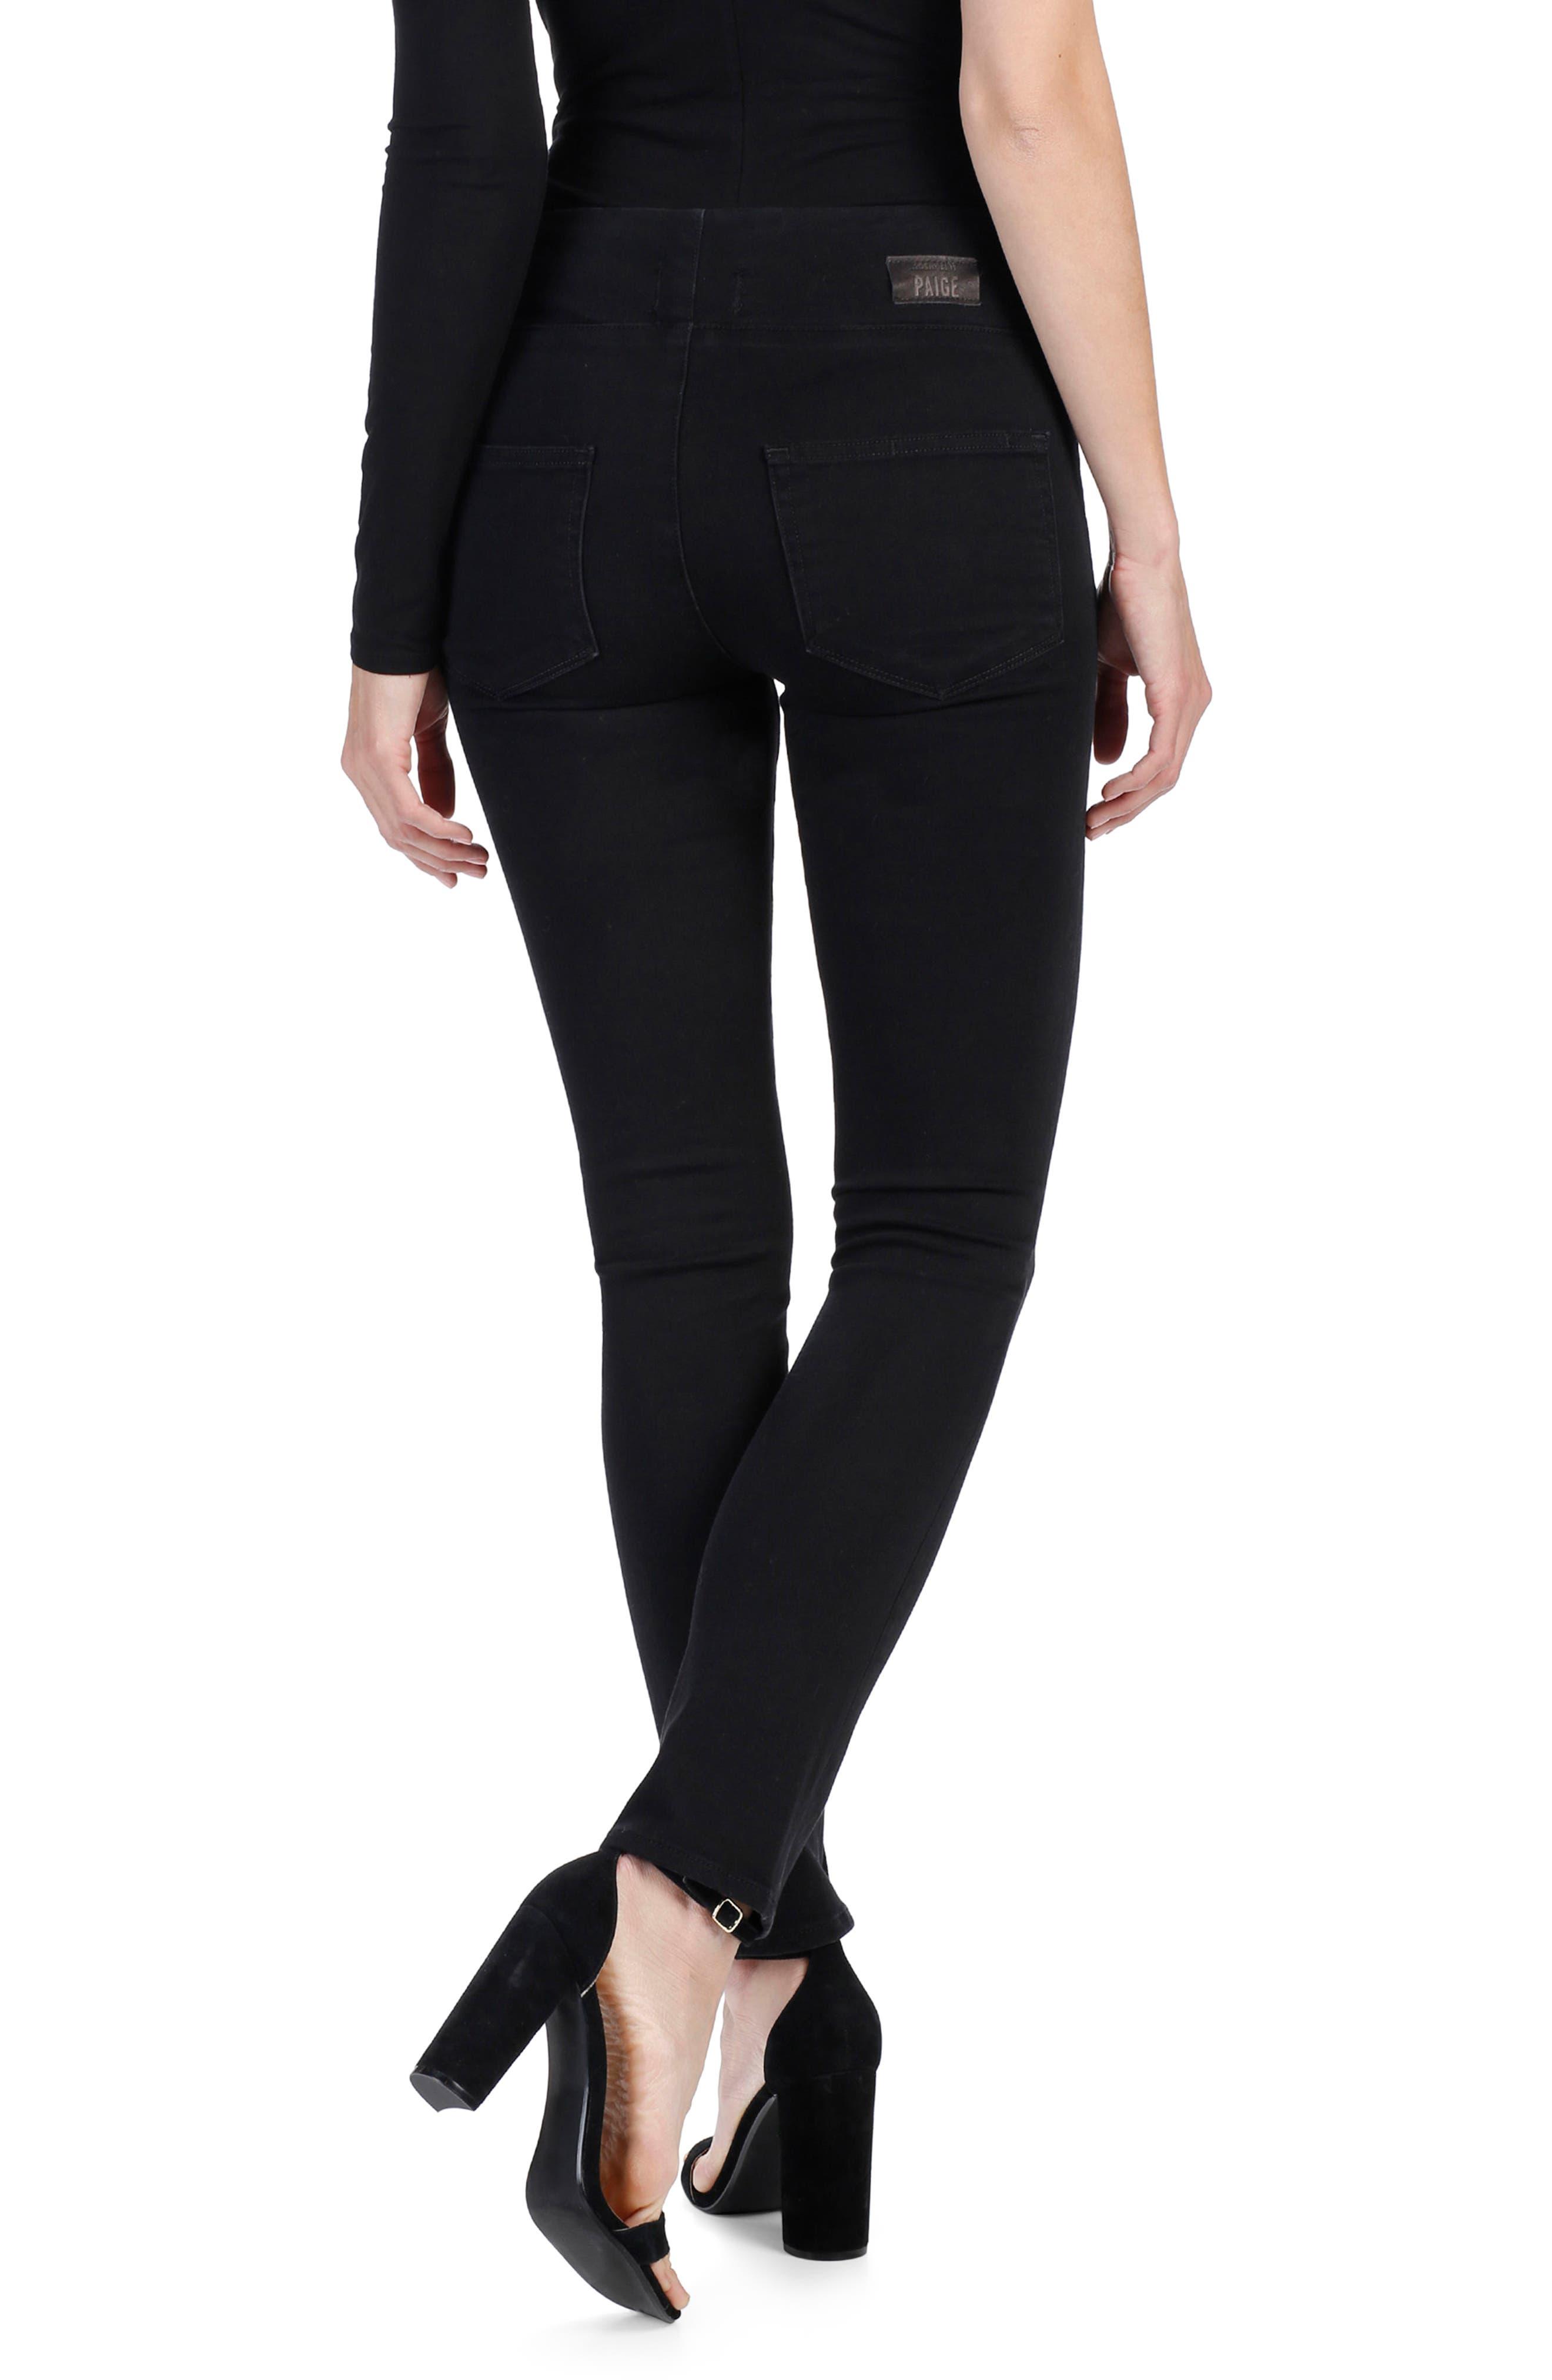 Rosie HW x PAIGE Ellery Skinny Jeans,                             Alternate thumbnail 3, color,                             Onyx